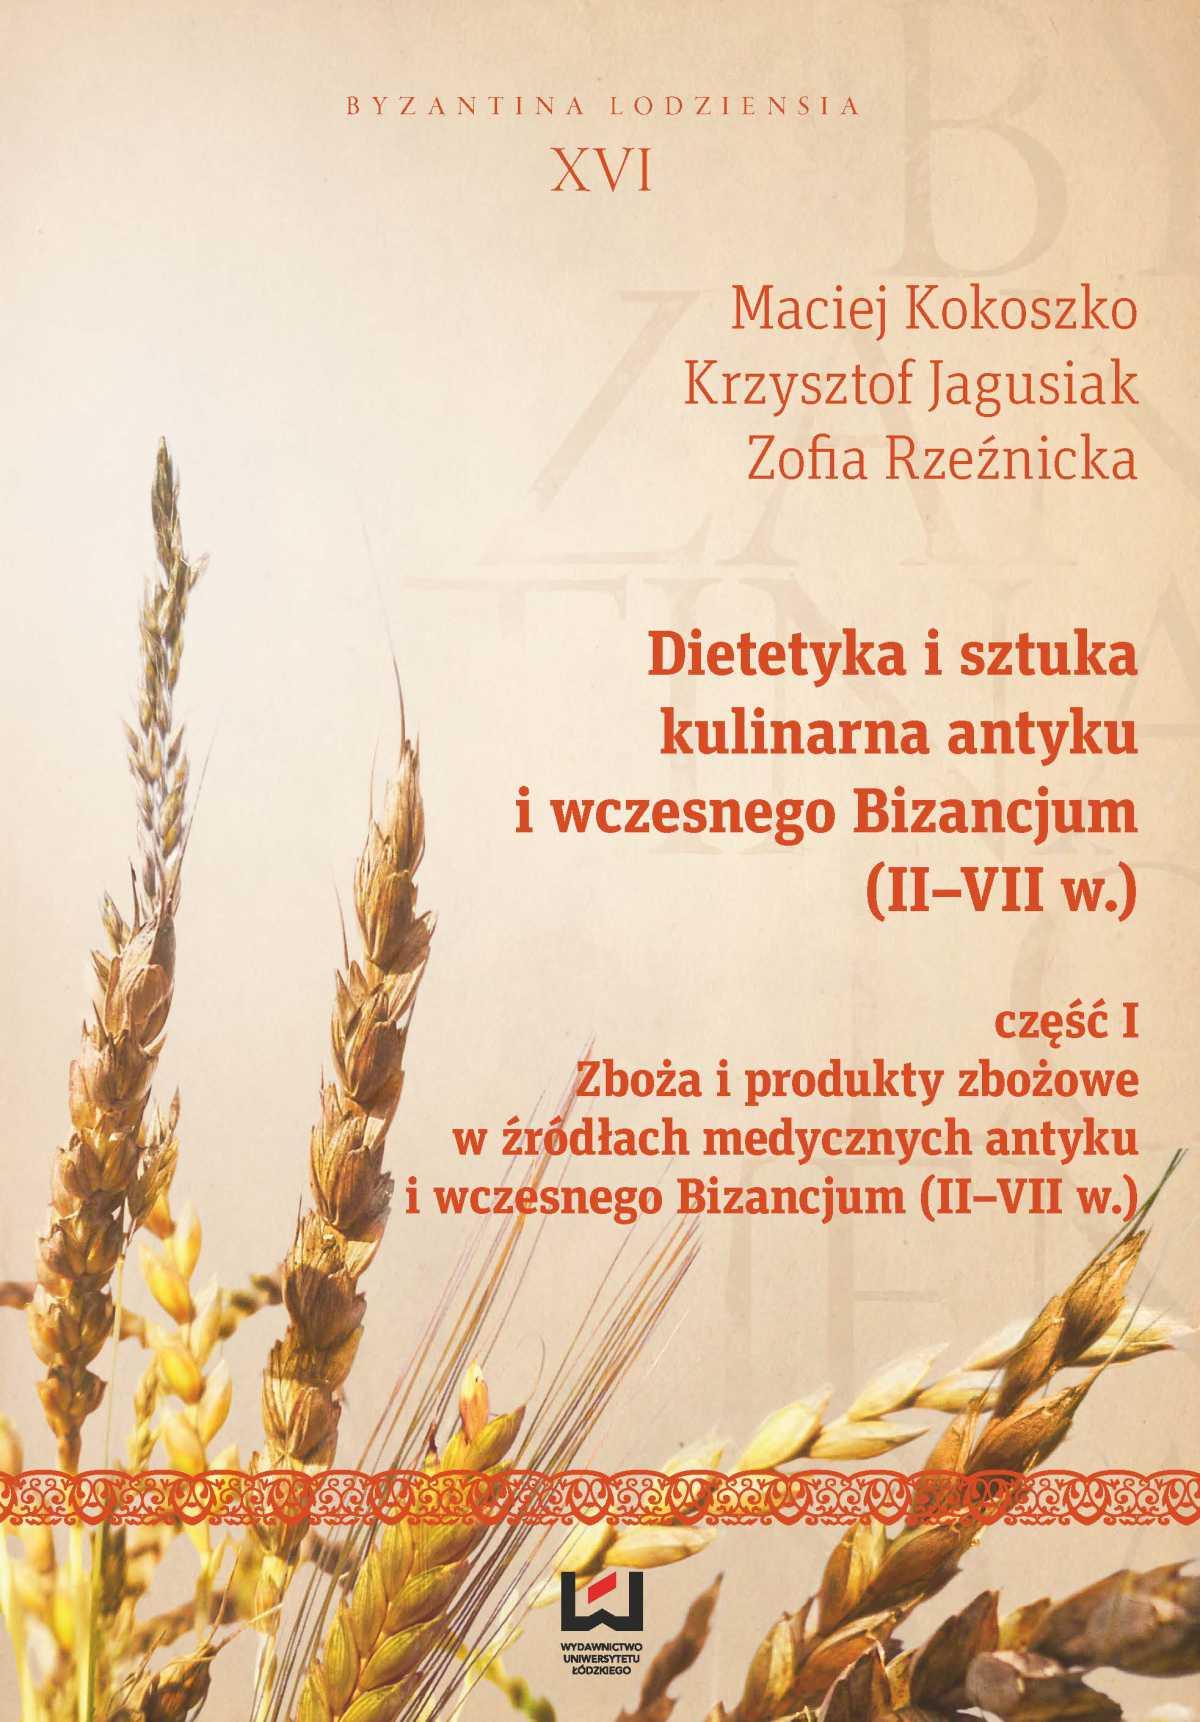 Dietetyka i sztuka kulinarna antyku i wczesnego Bizancjum (II–VII w.). Część 1. Zboża i produkty zbożowe w źródłach medycznych antyku i wczesnego Bizancjum (II-VII w.) - Ebook (Książka PDF) do pobrania w formacie PDF